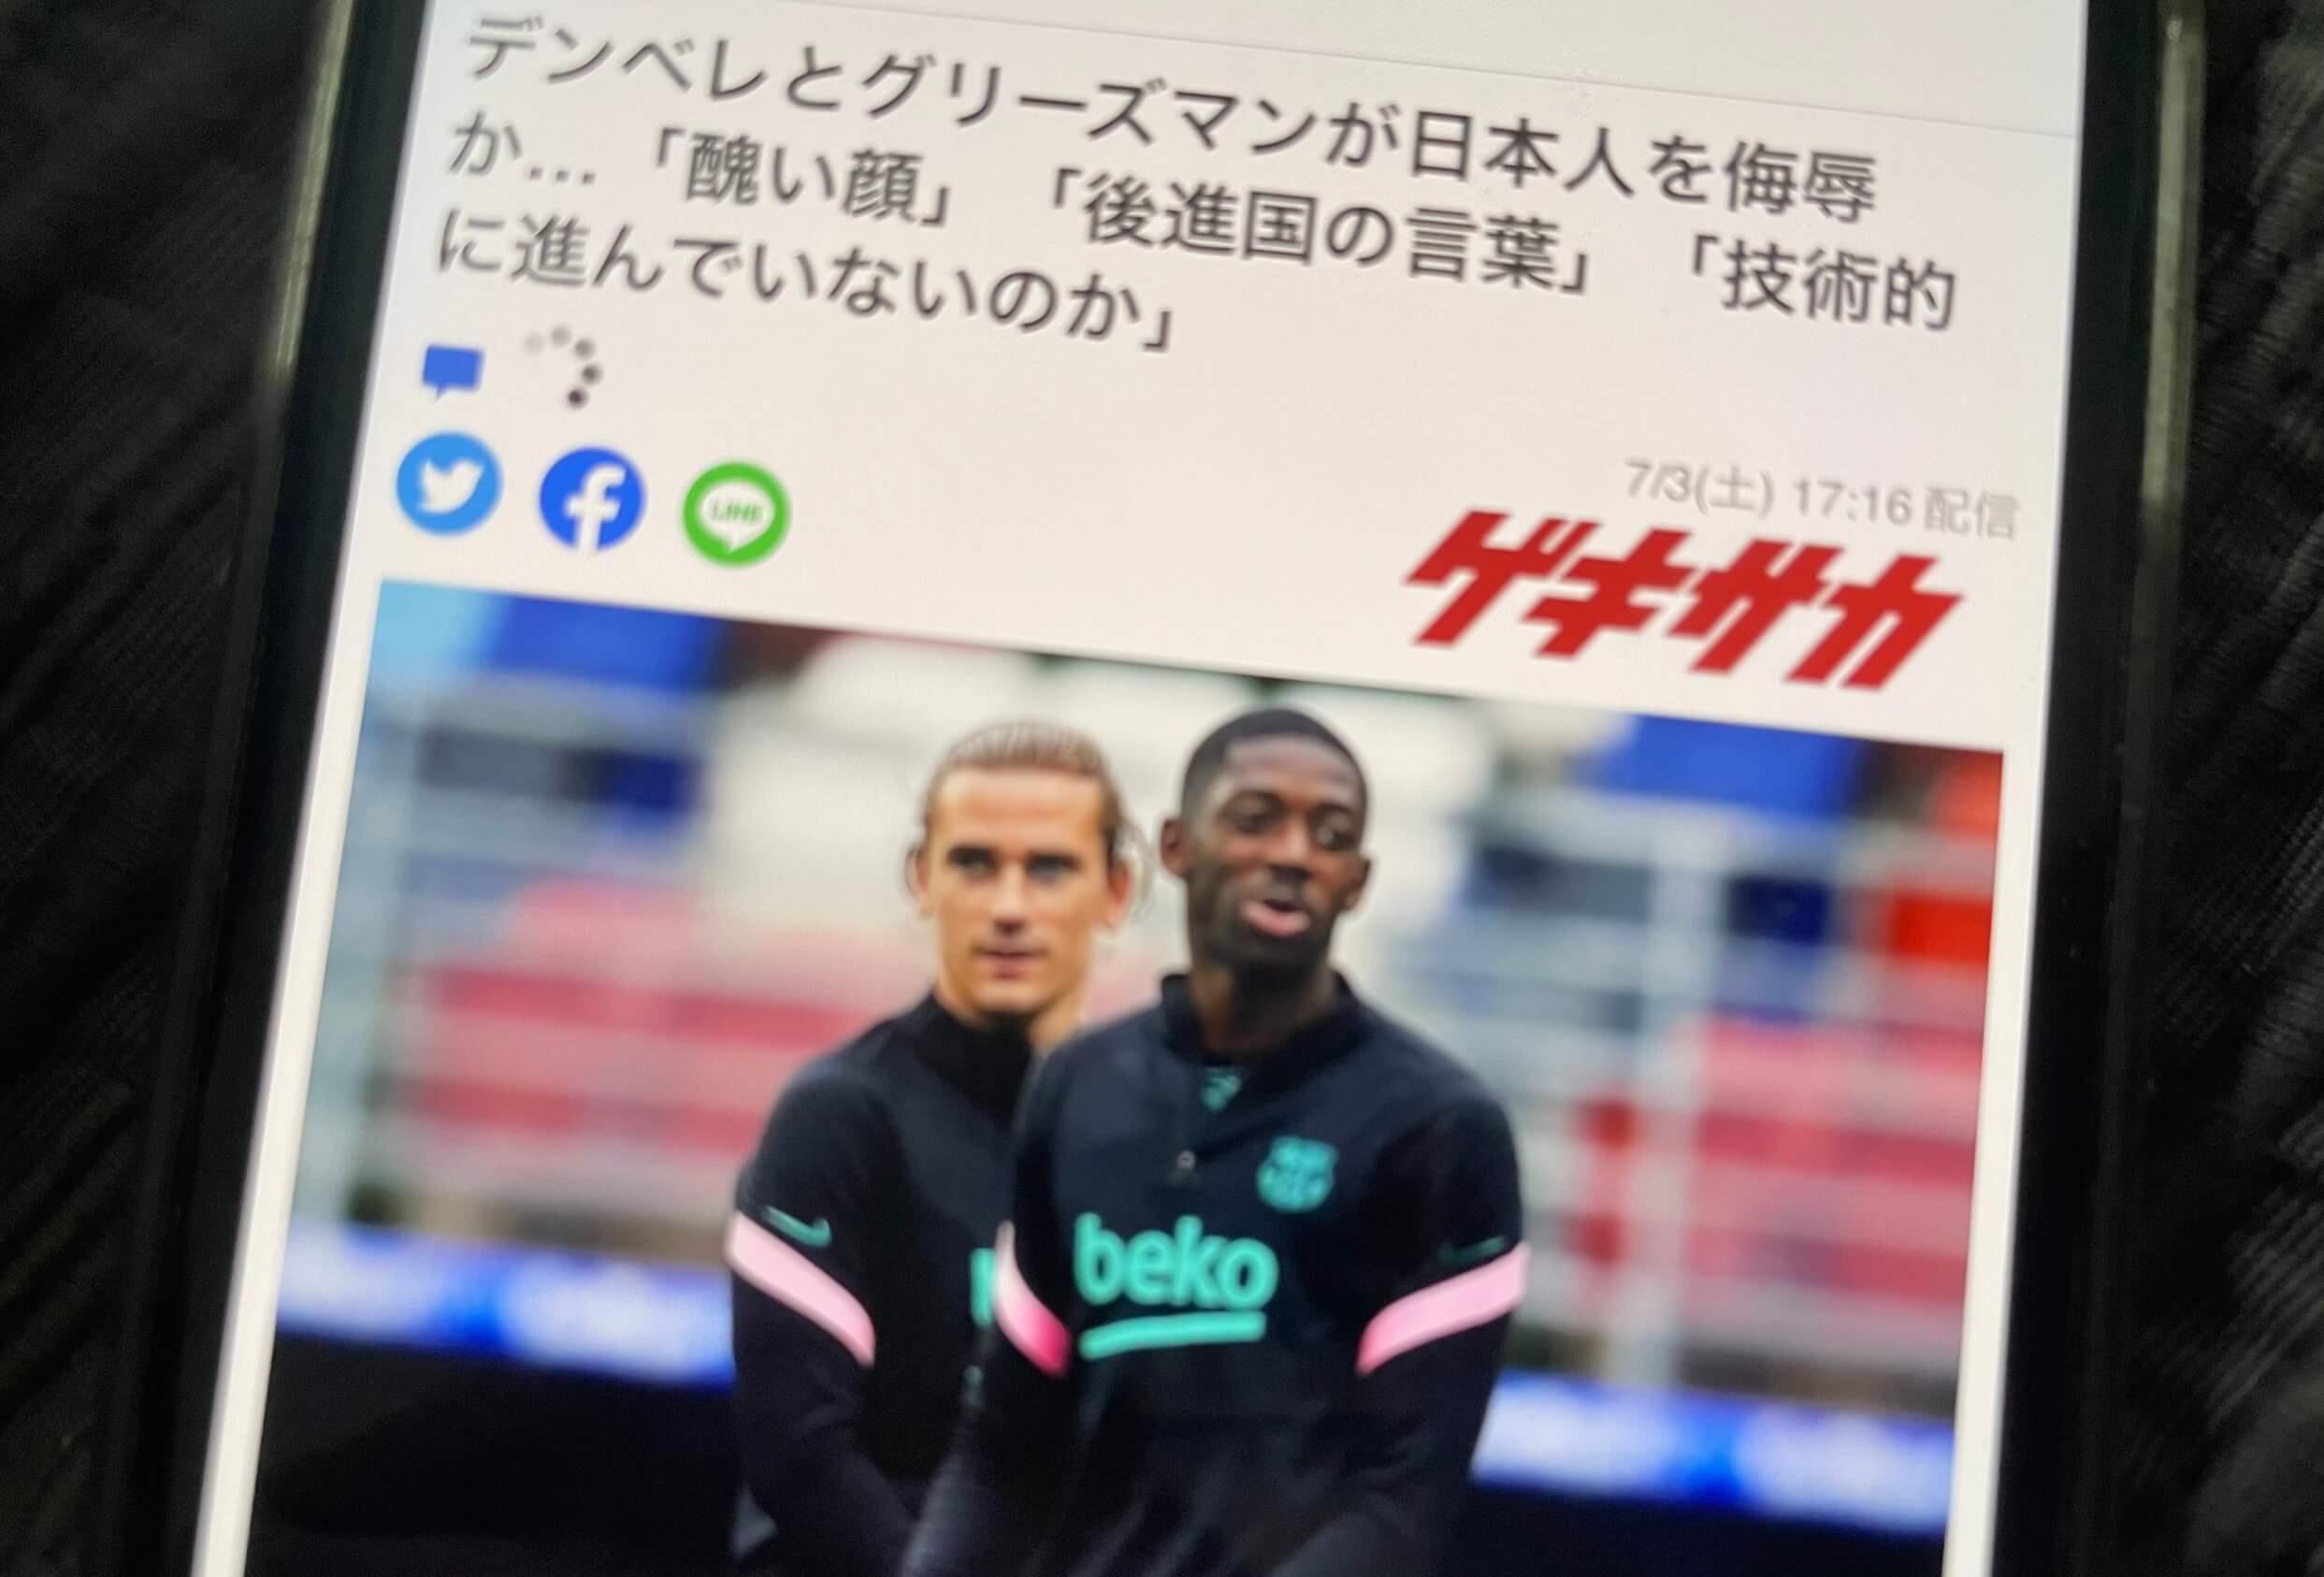 退屈日記「仏サッカー代表選手が日本人大差別の報道を分析。くそ野郎は誰だ!」